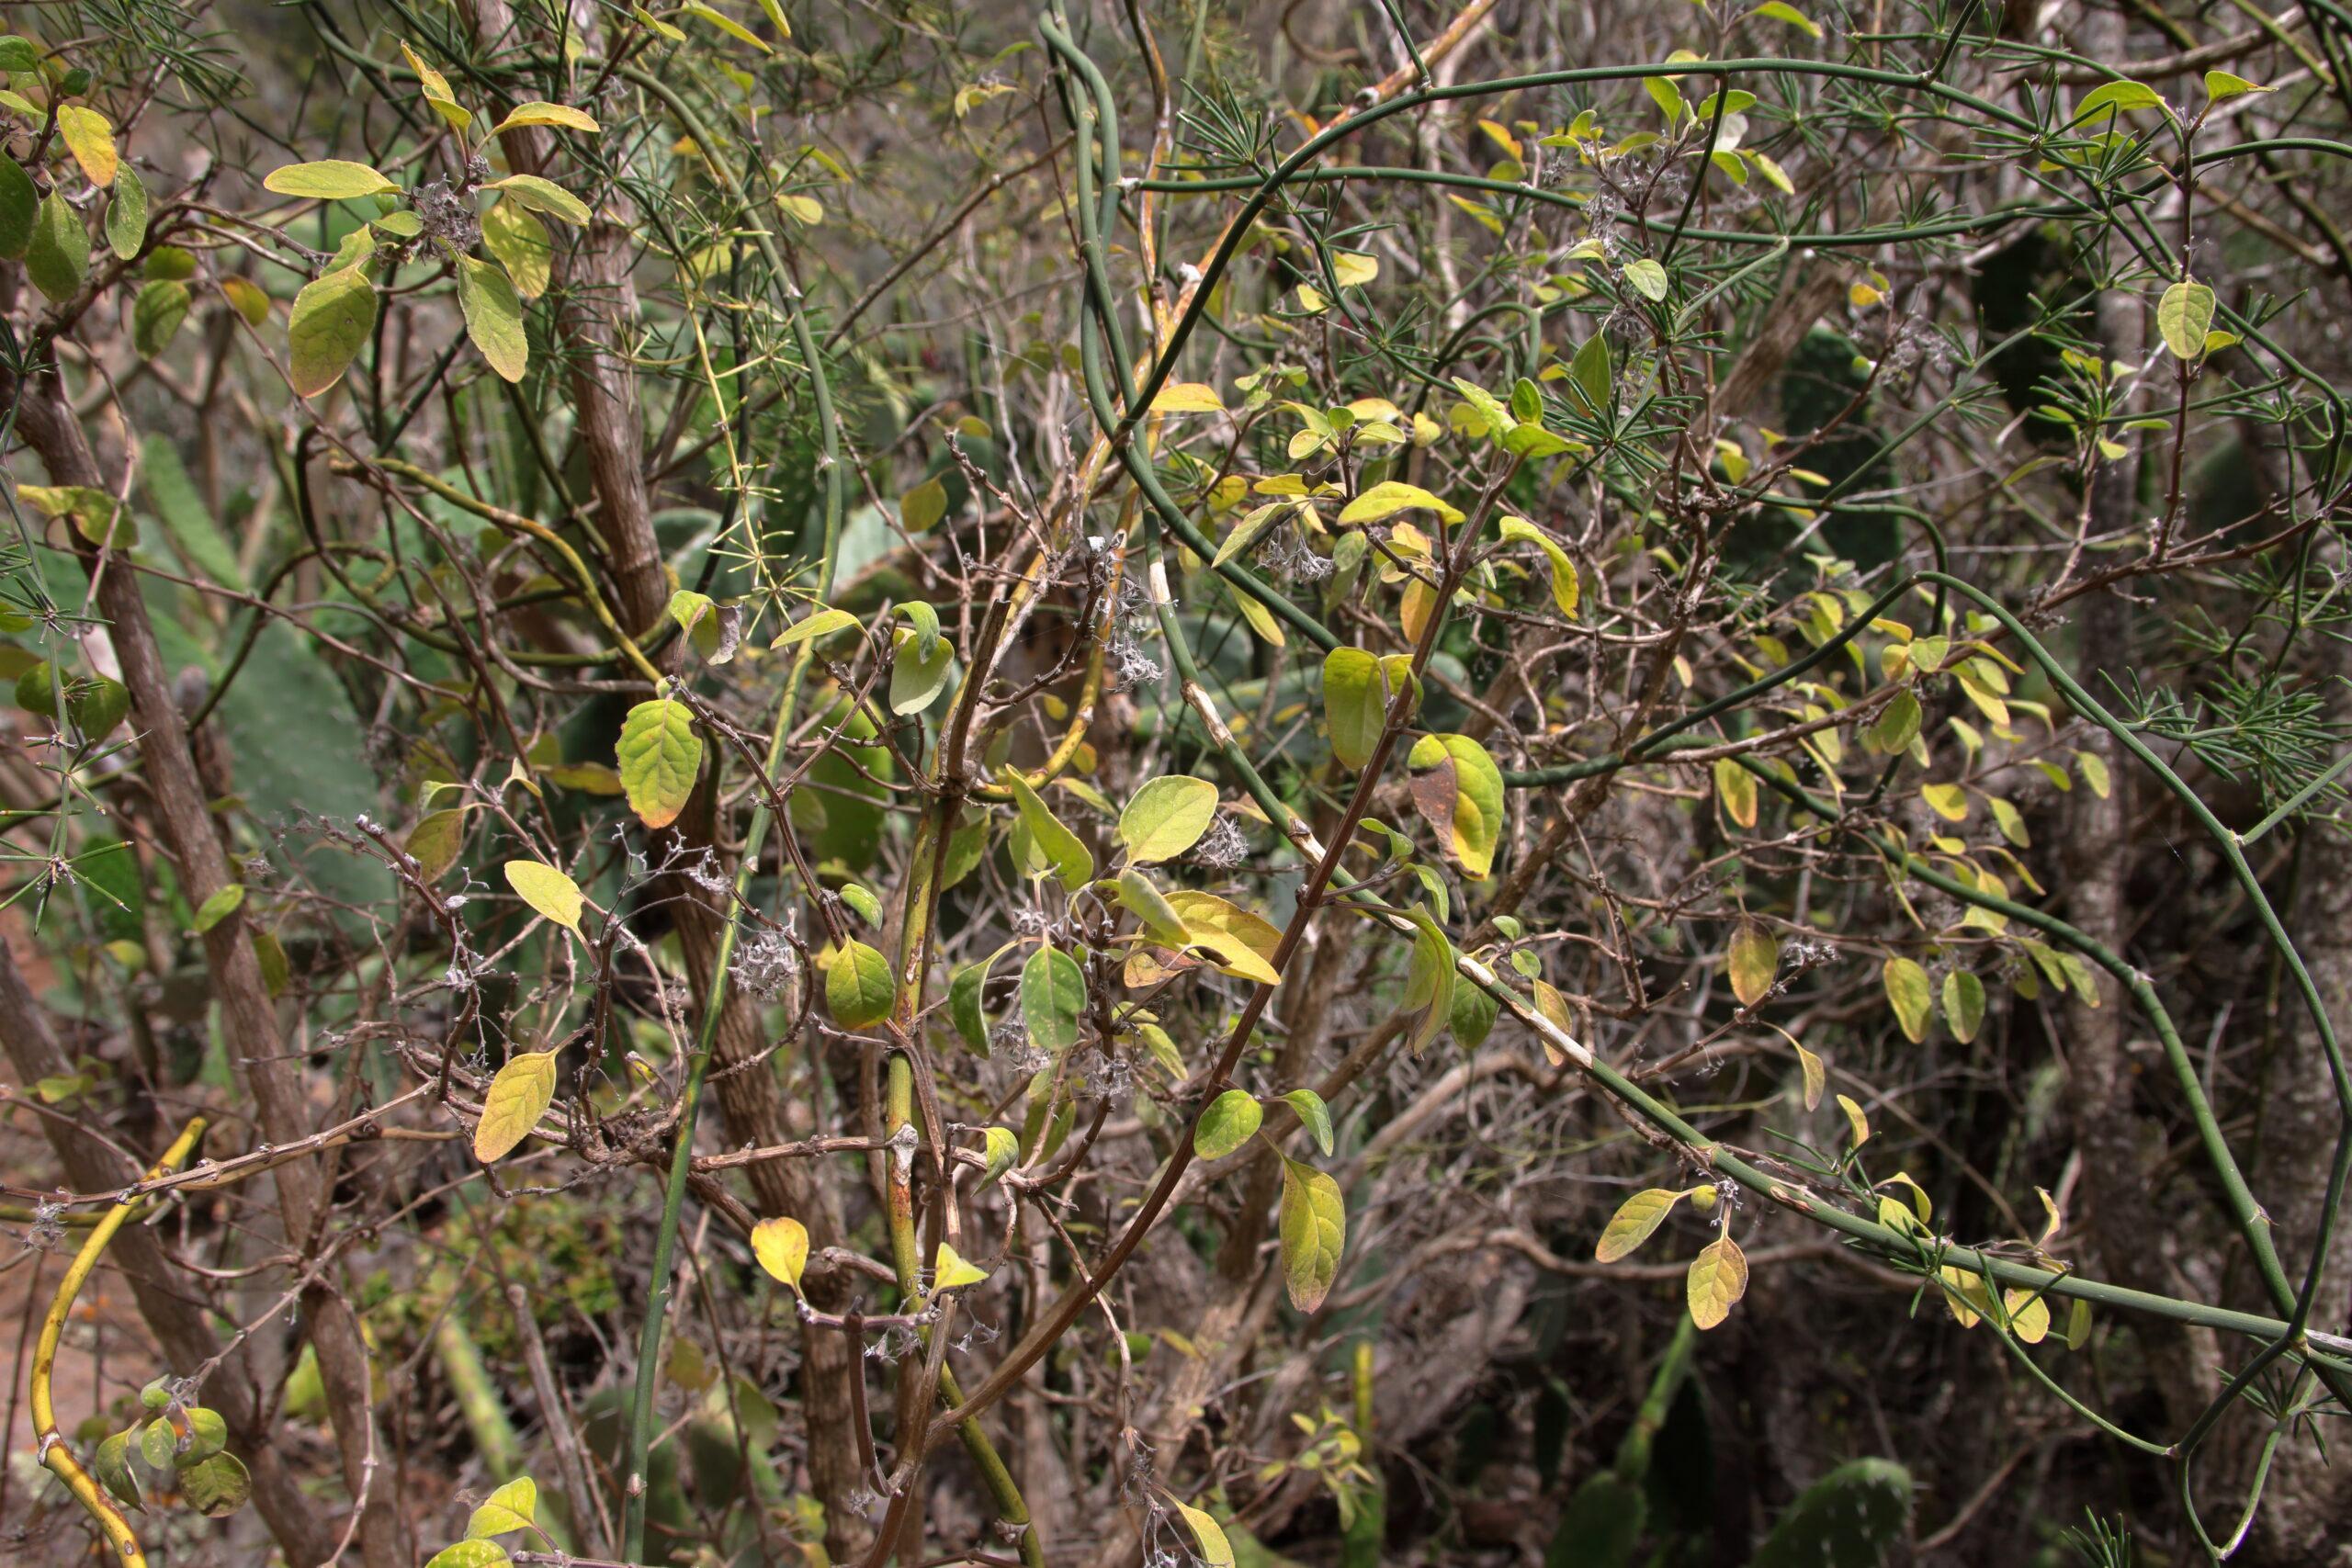 img_0469-hojas-en-verano-poleo-de-cardonal-bystropogon-odoratissimus-detalle-hojas-scaled.jpg